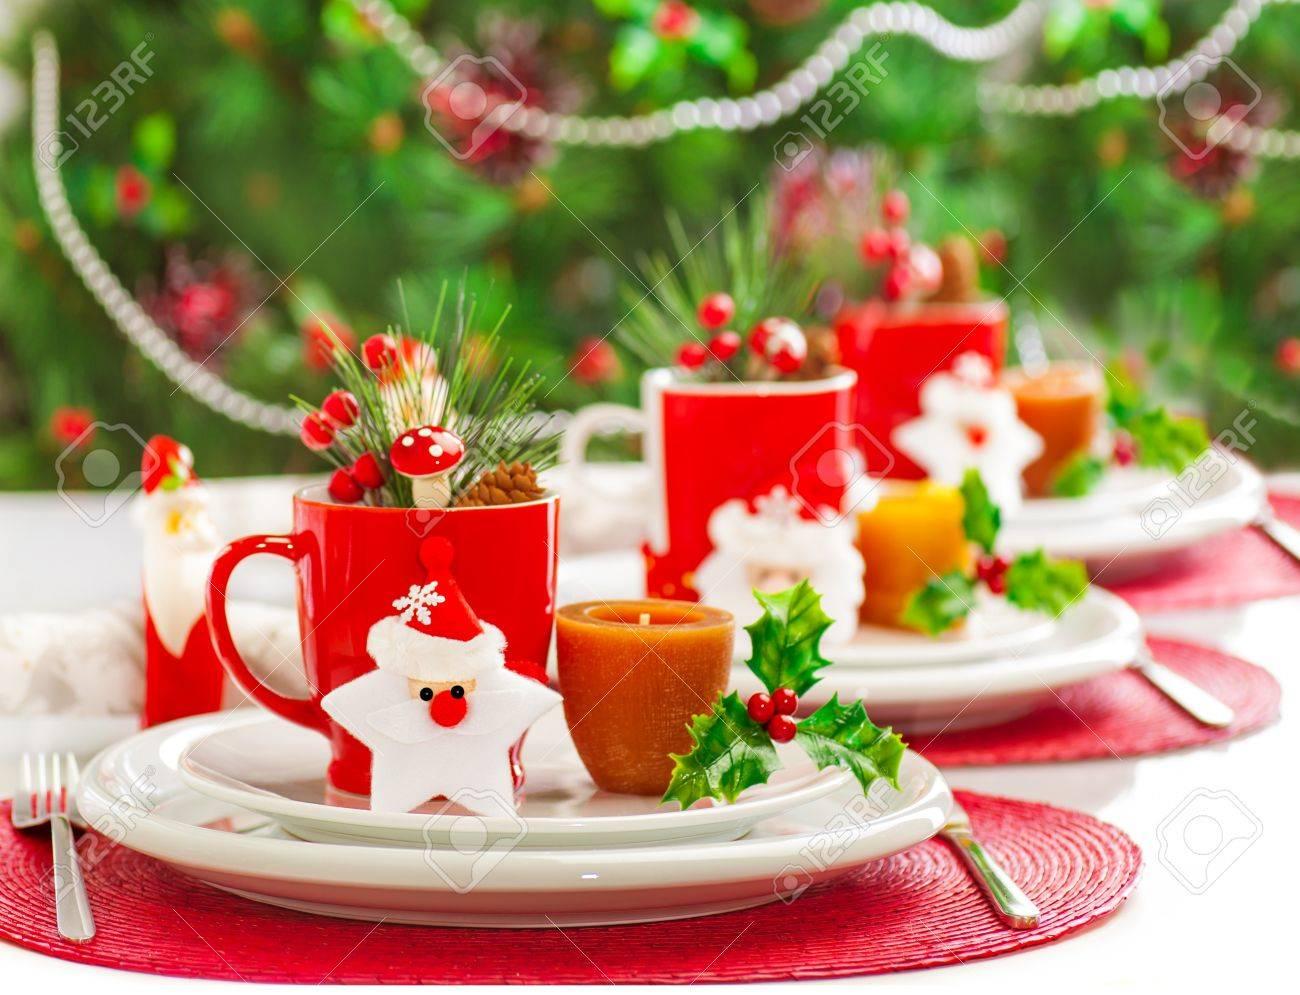 Foto Von Weihnachten Tischdekoration, Festliche Geschirr Mit Kerzen ...